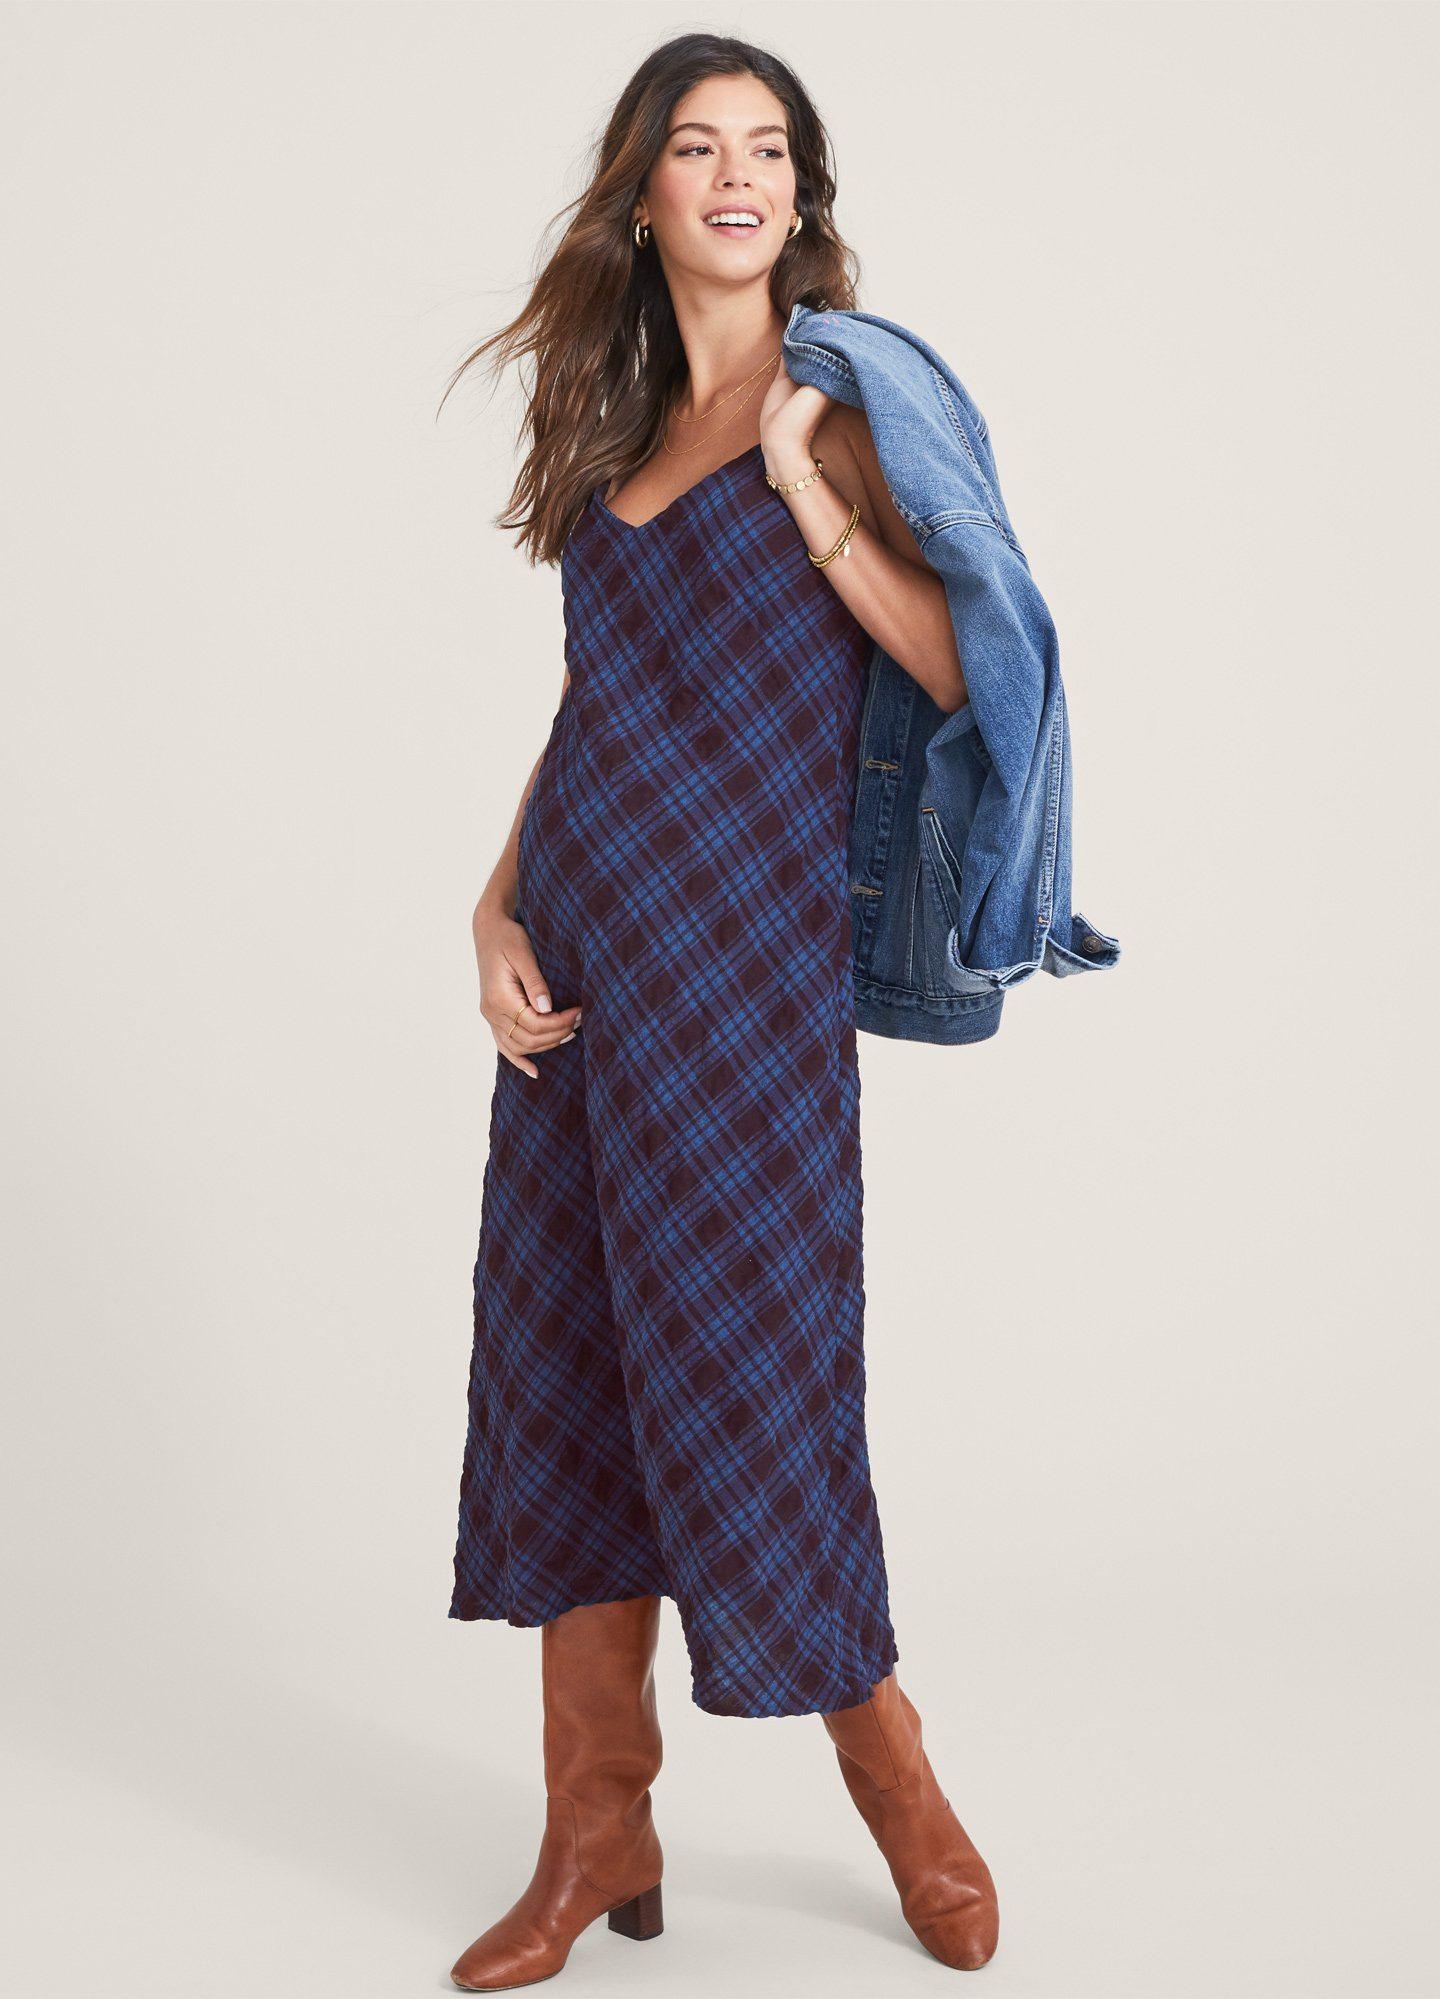 HATCH Maternity The Ricky Slip Dress, Port/navy Crinkle Plaid, Size 0